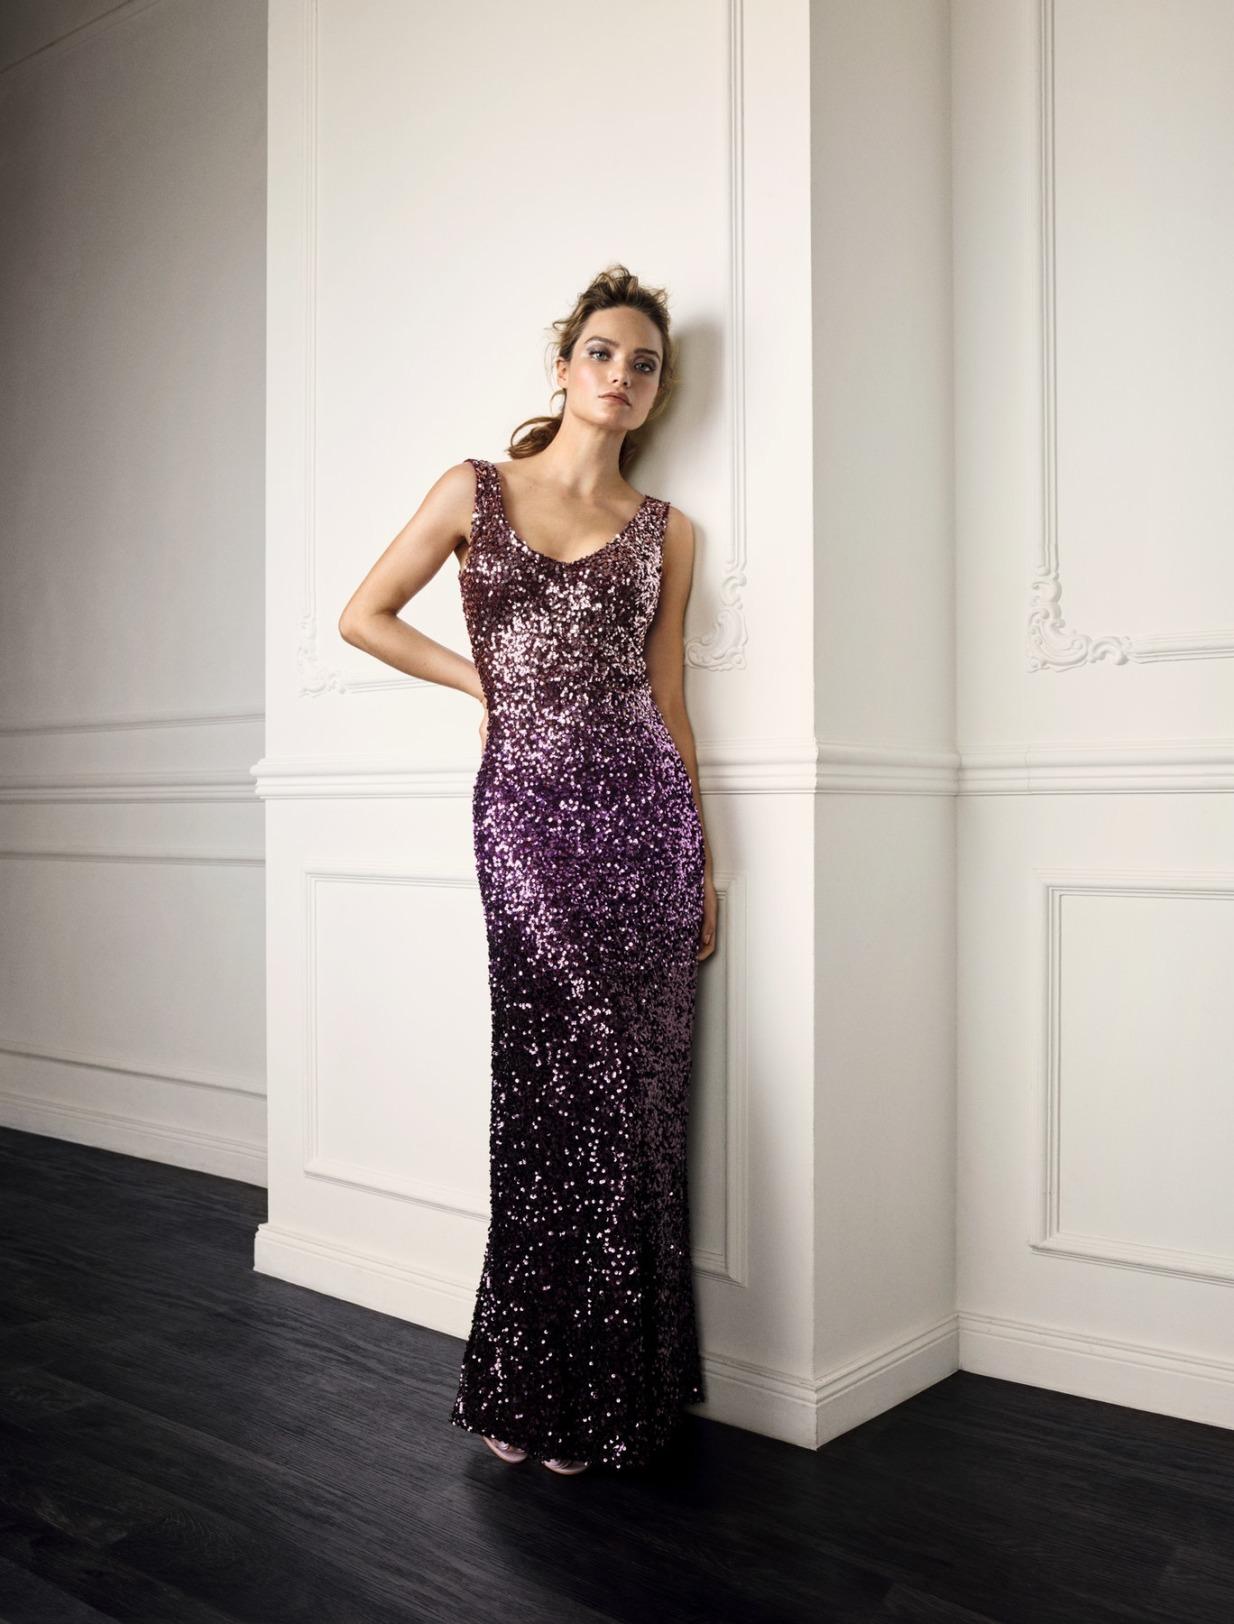 Vera Mont Kleid Anlass Mode Hochzeit Festmode Damen für Eltern mit V-Ausschnitt Pailetten glitzer Abendkleid festlich rose lila